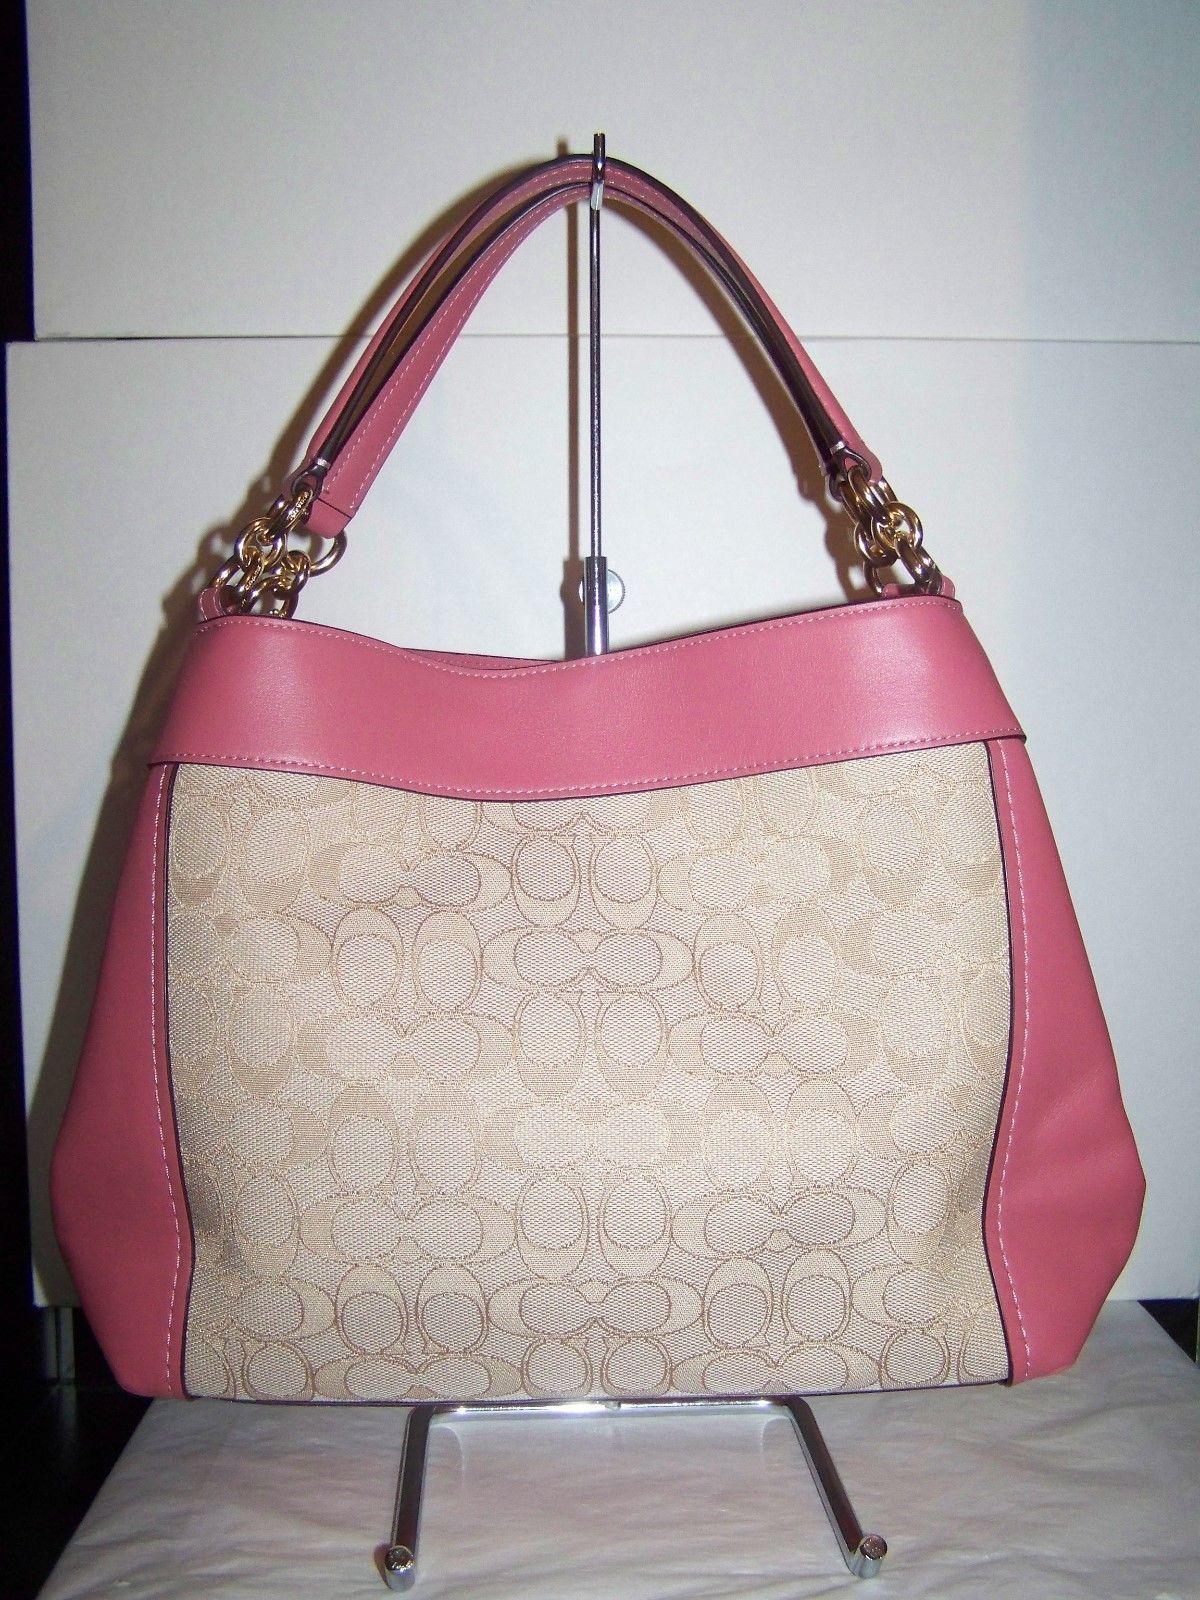 47ab4cd9b7b4 ... Coach Canvas Leather Sm Lexy Tote Shoulder Bag F29548 Lt Khaki Peony   325 NWT ...